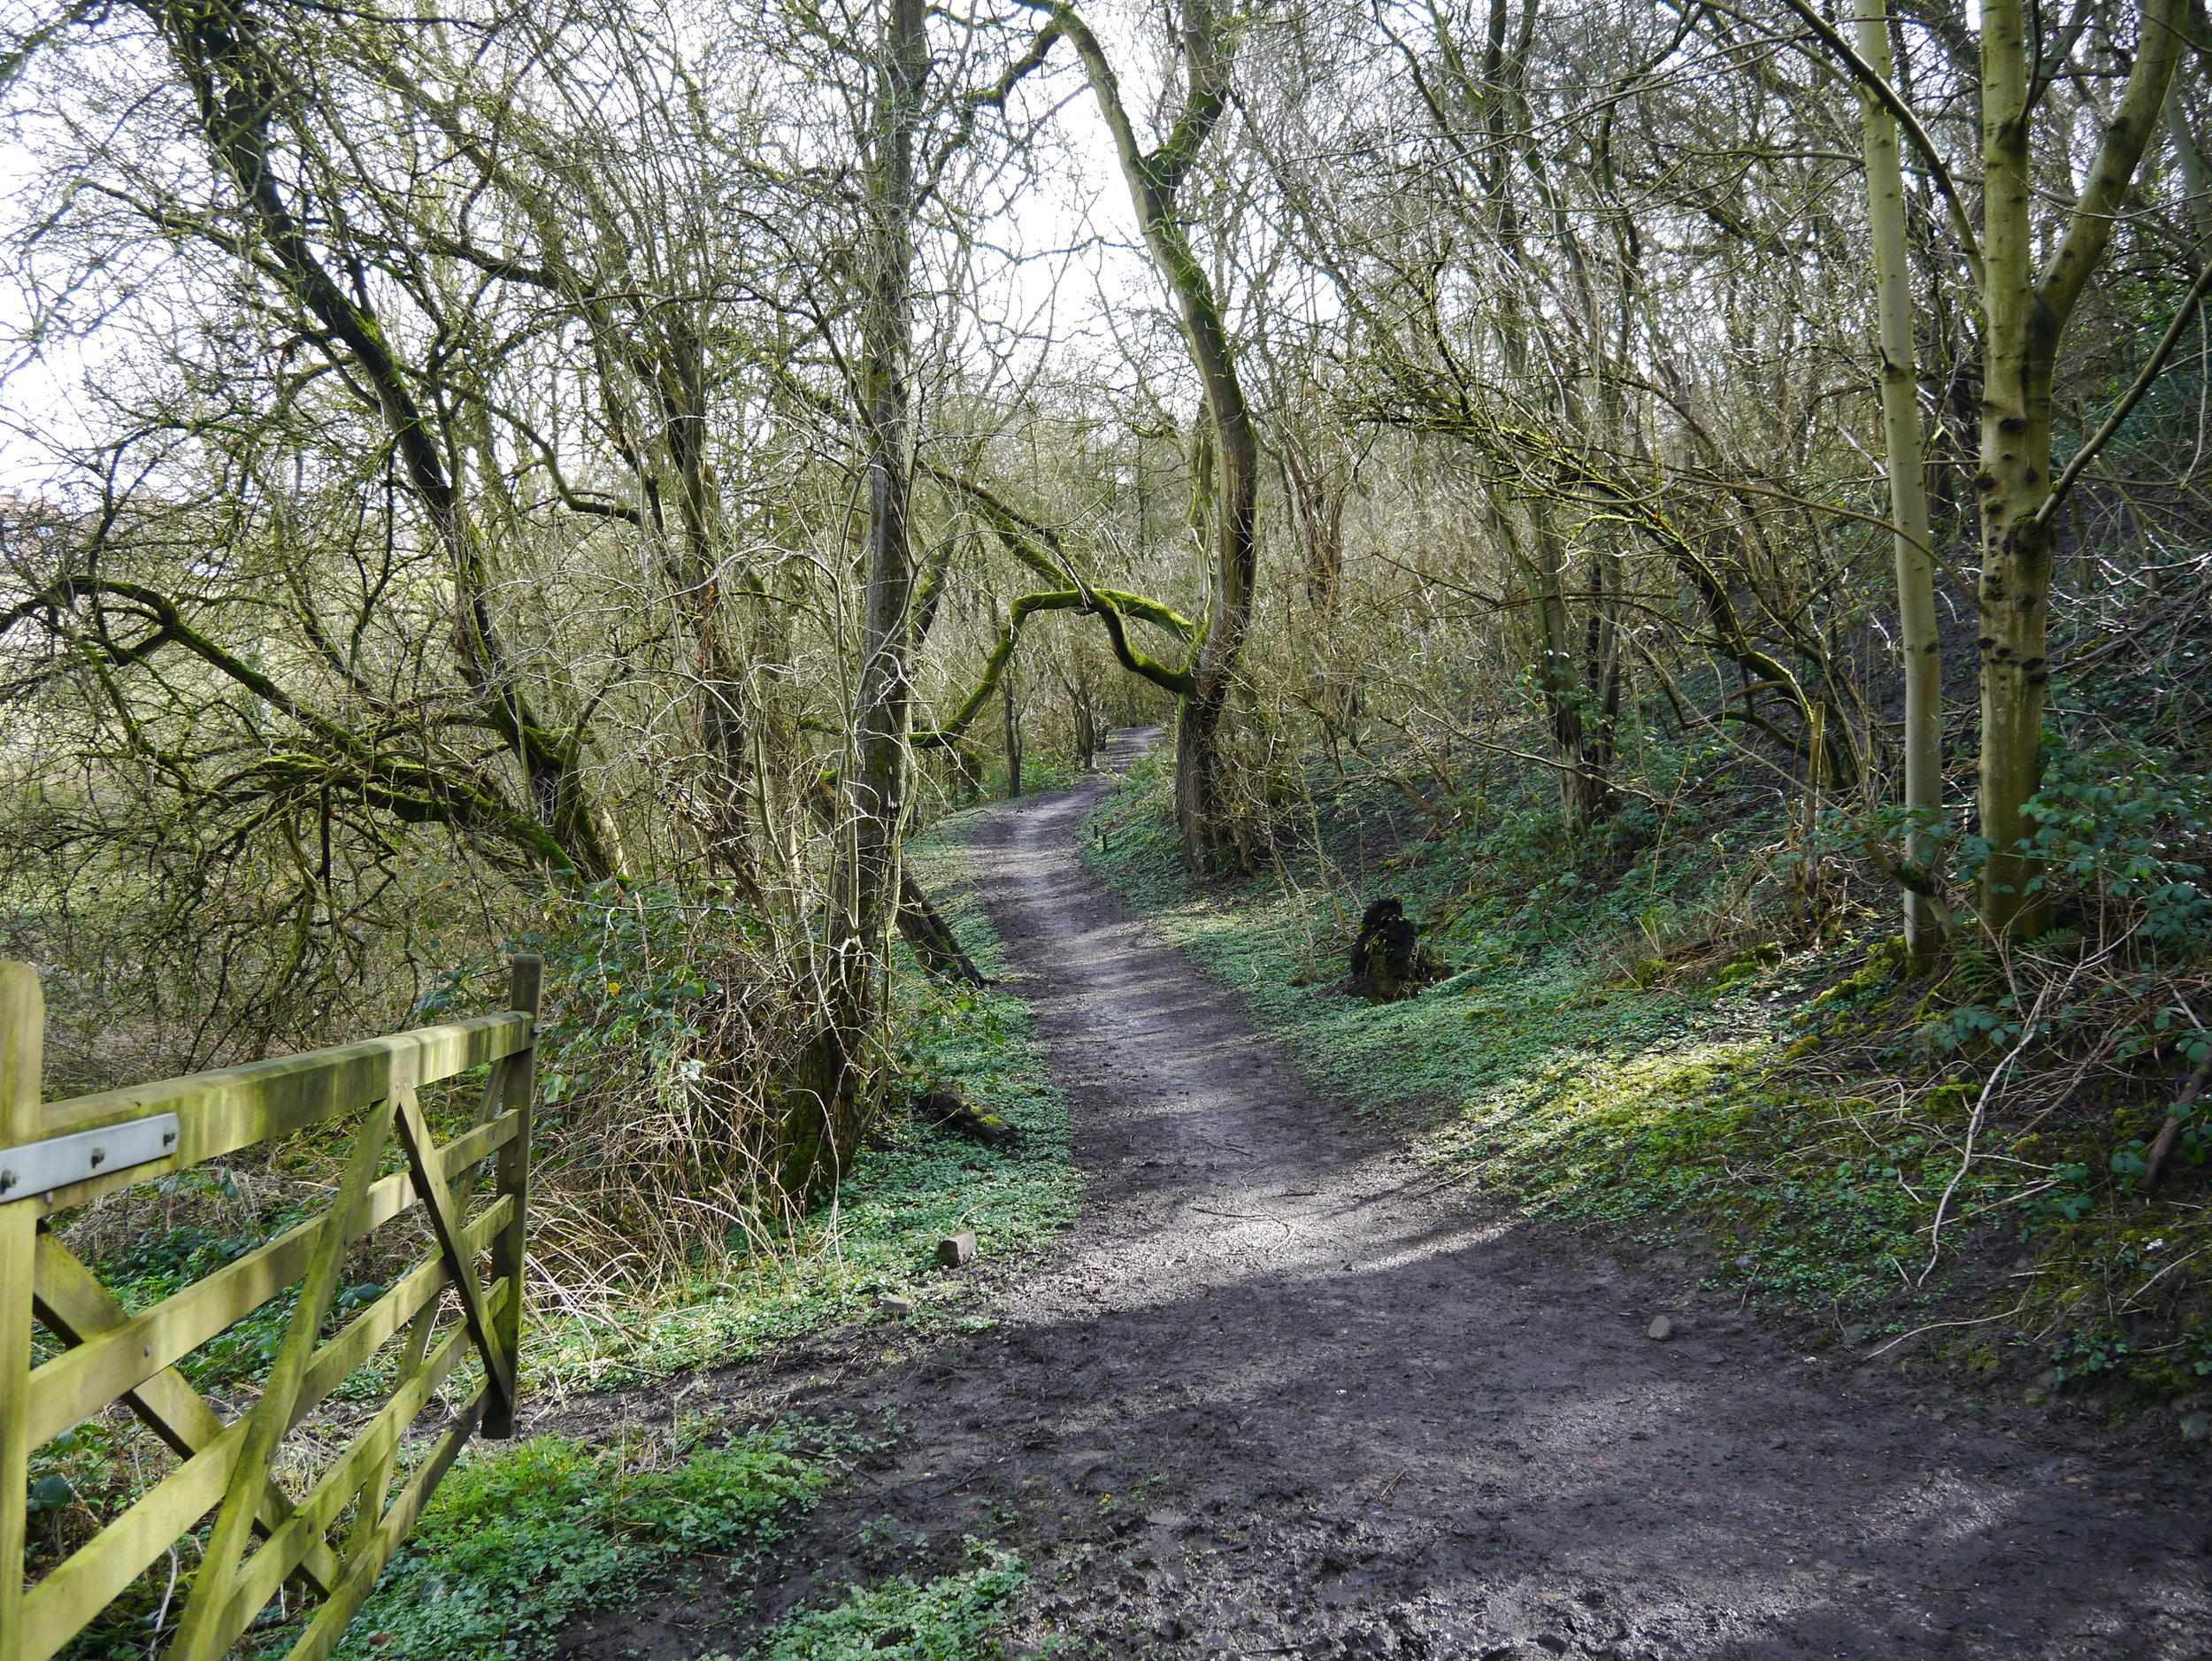 Former railway, now a footpath